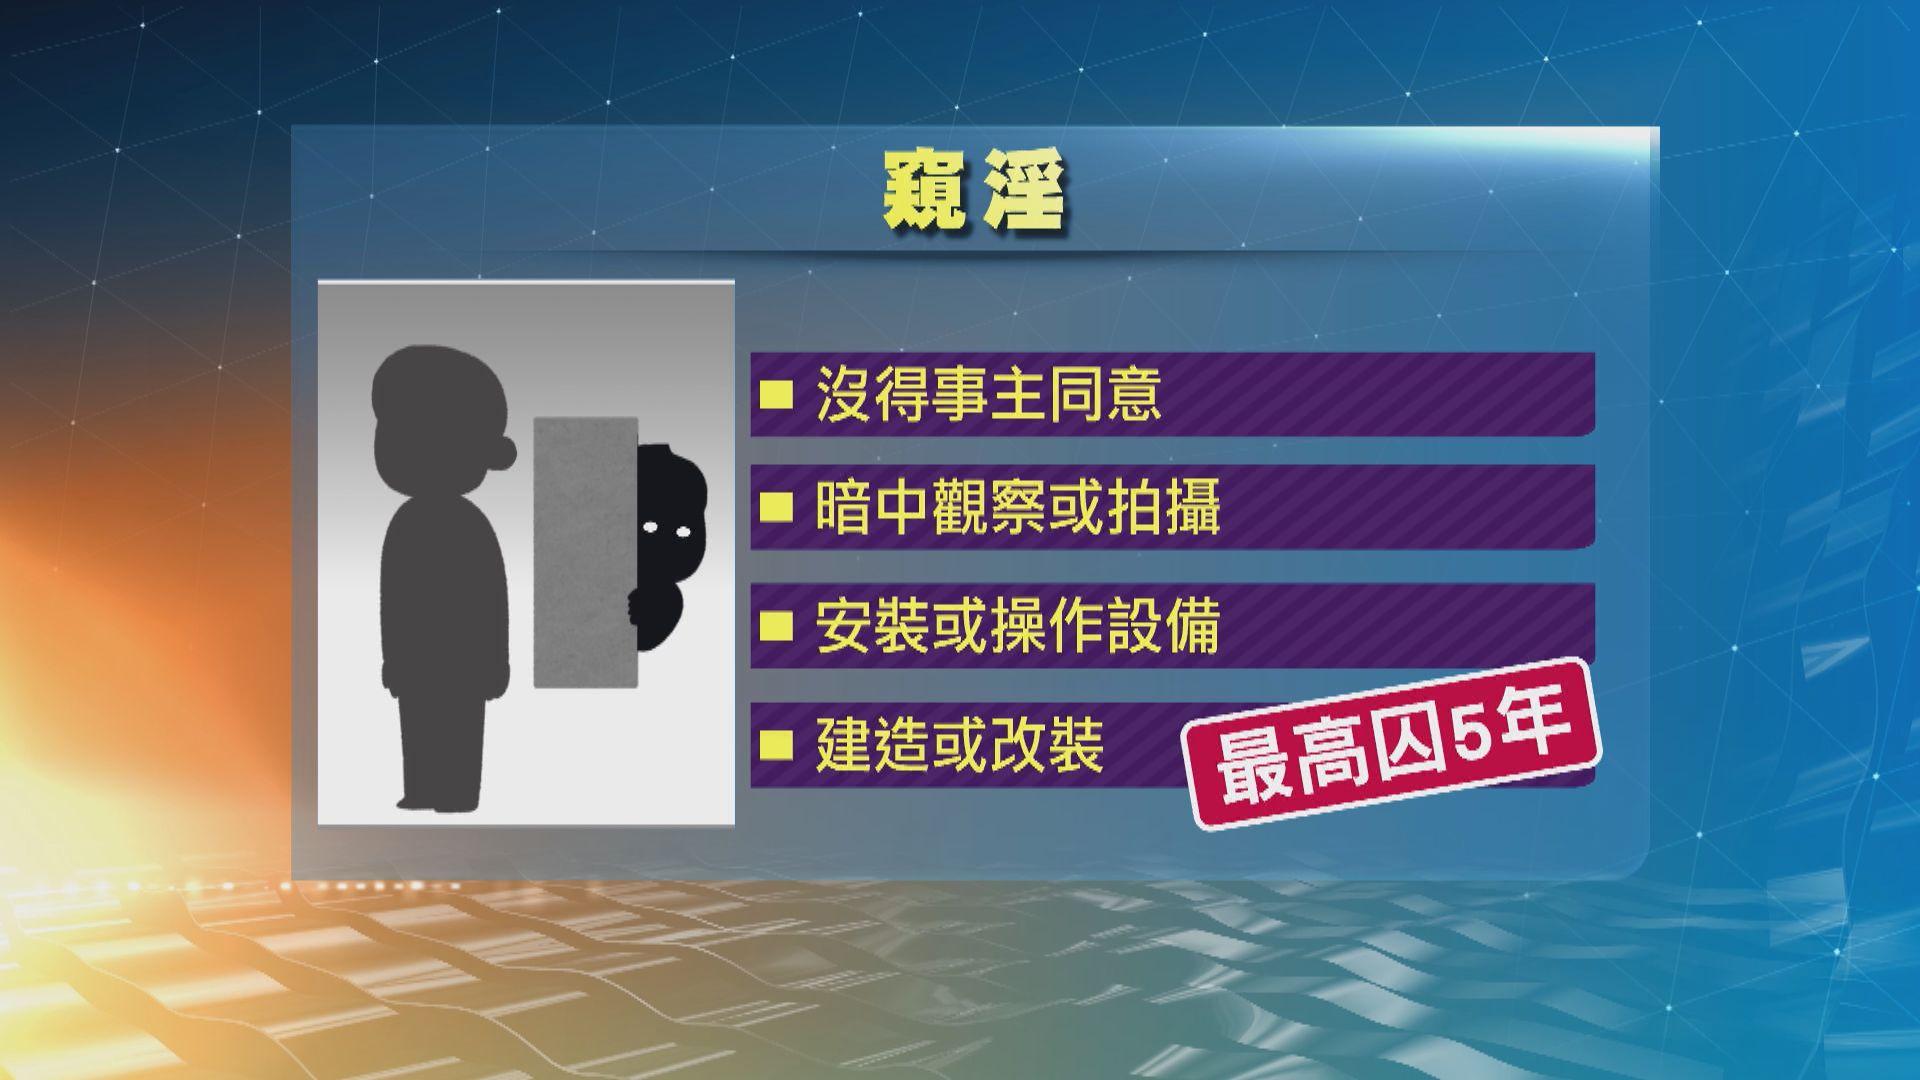 政府刊憲修例訂立窺淫等罪 違者最高可囚5年